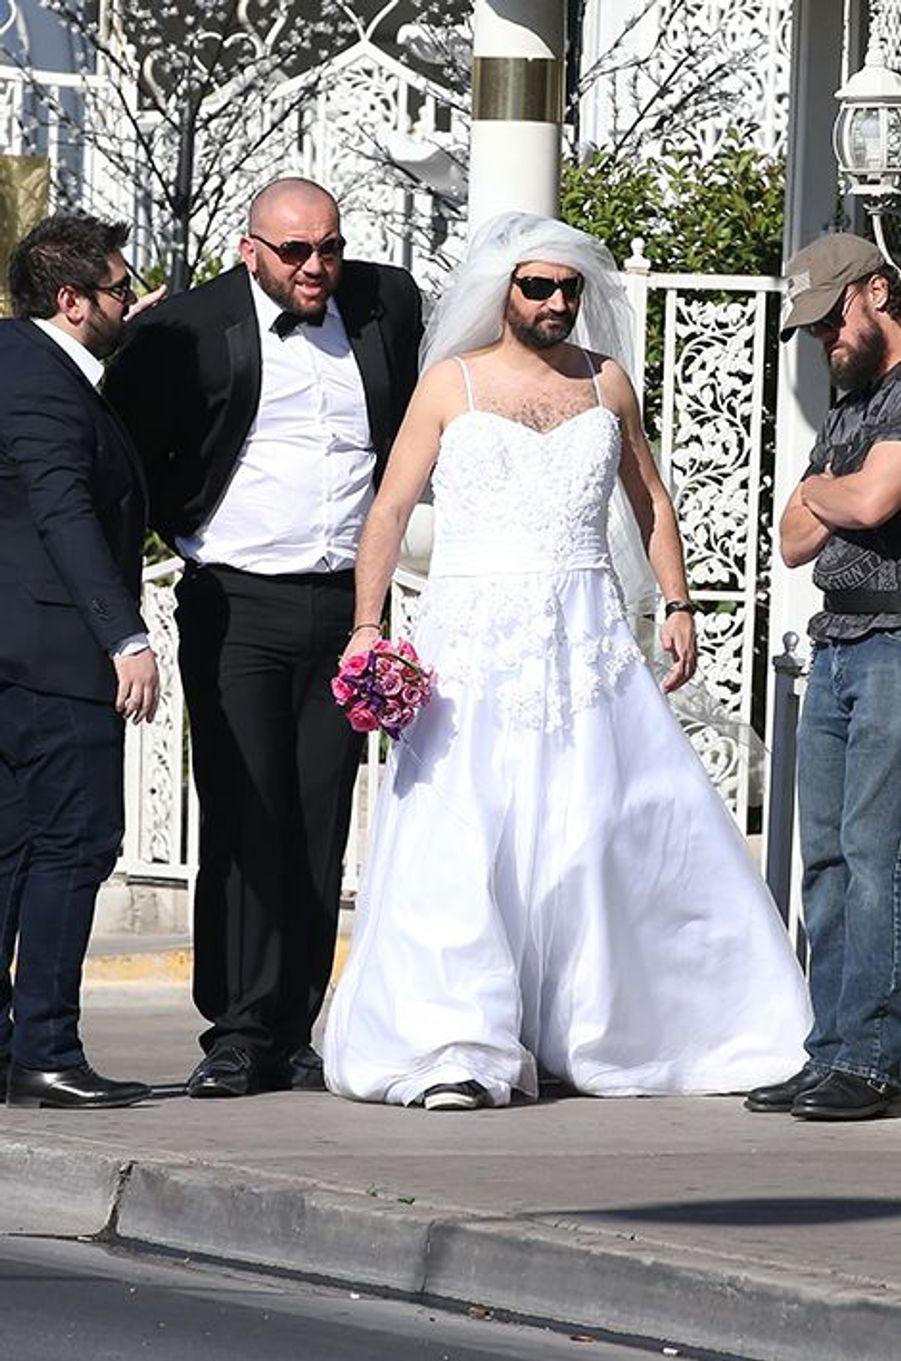 Cyril Hanouna, en robe de mariée, arrive à la Little White Wedding Chapel